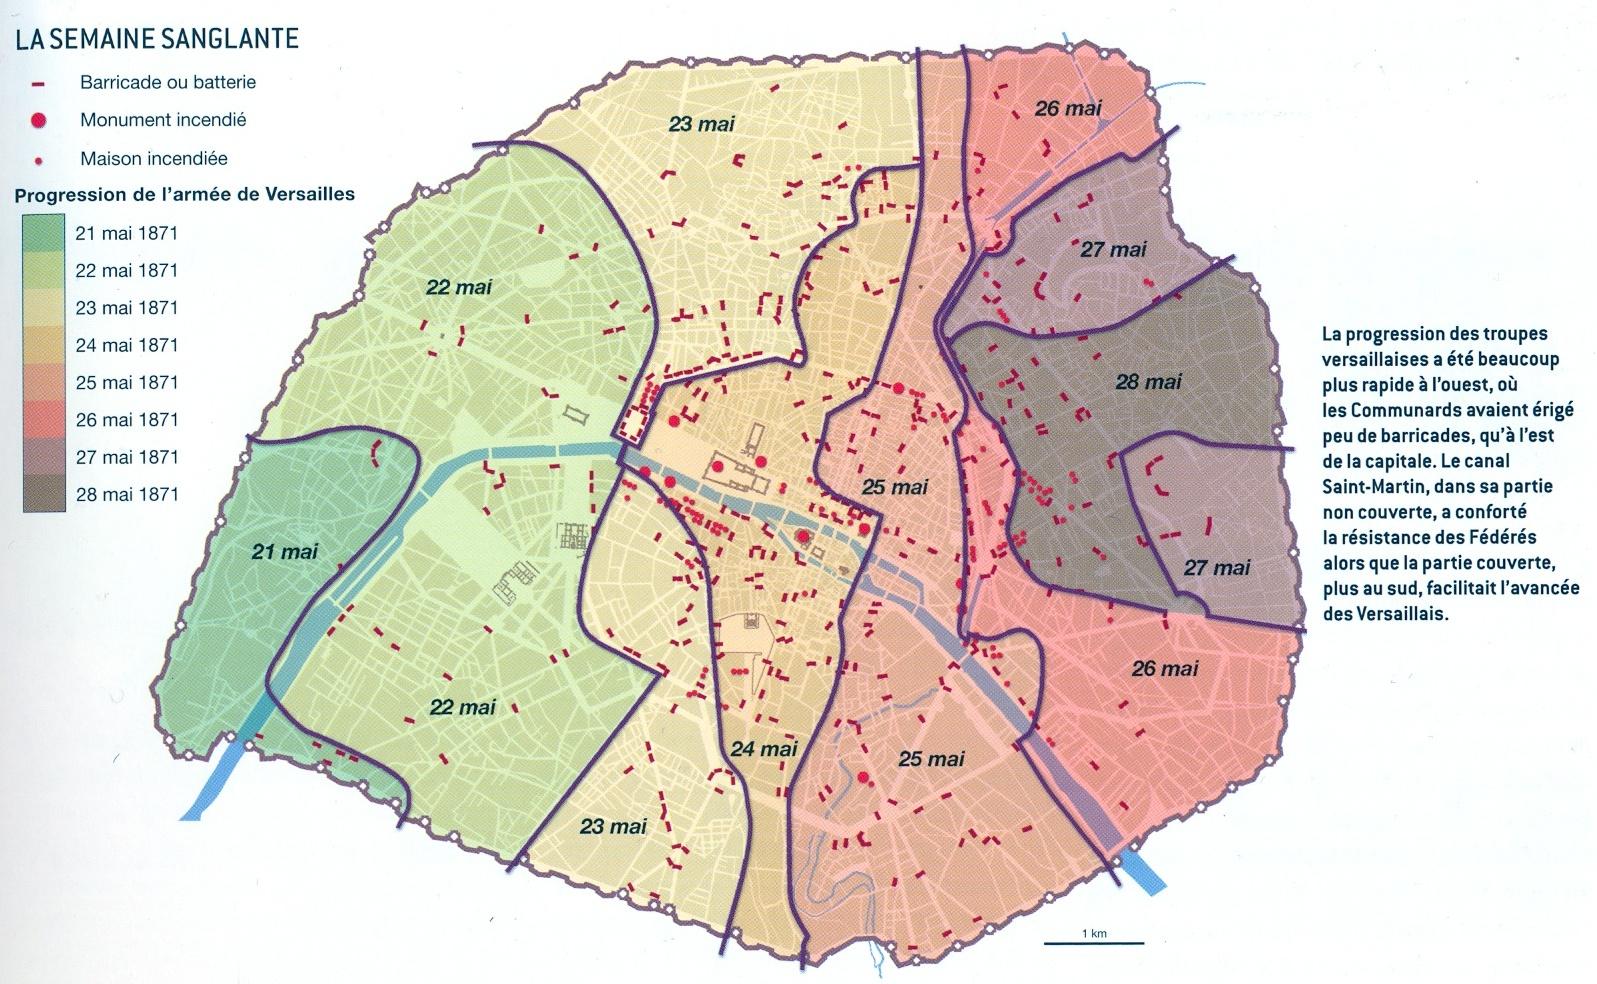 Carte des combats de la Commune d'après l'Atlas des parisiens.